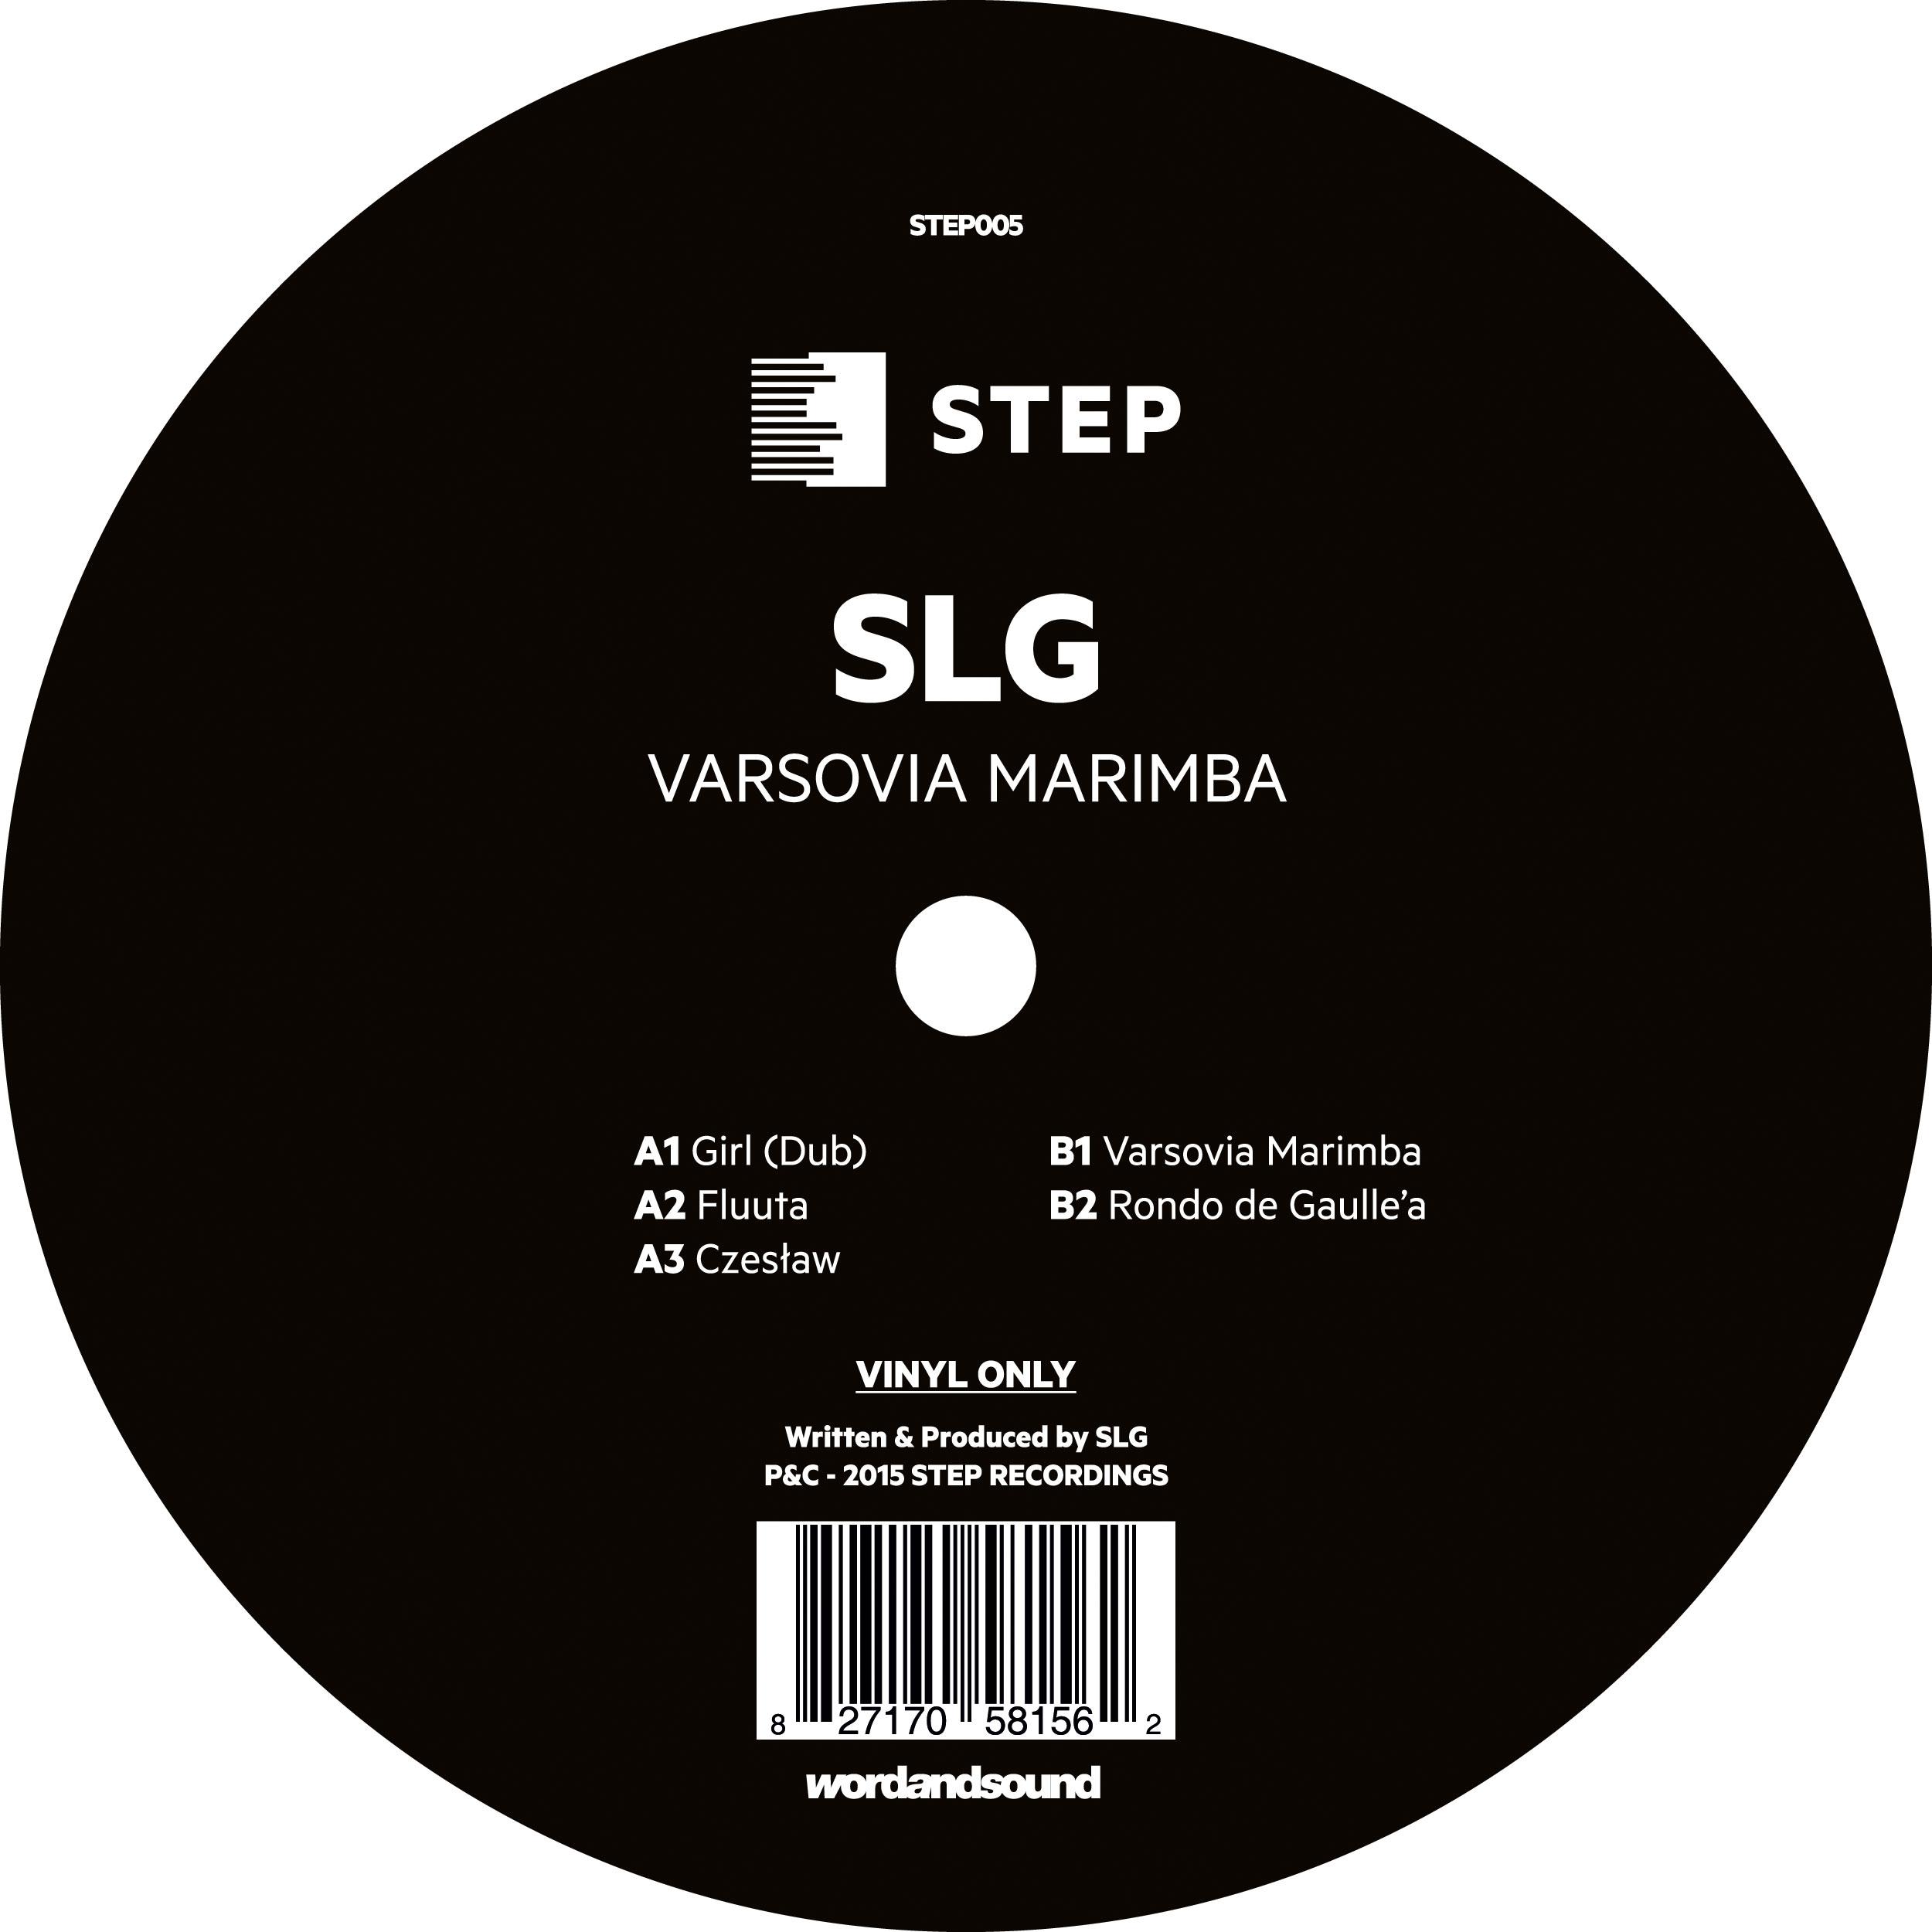 SLG - Varsovia Marimba EP [STEP005]